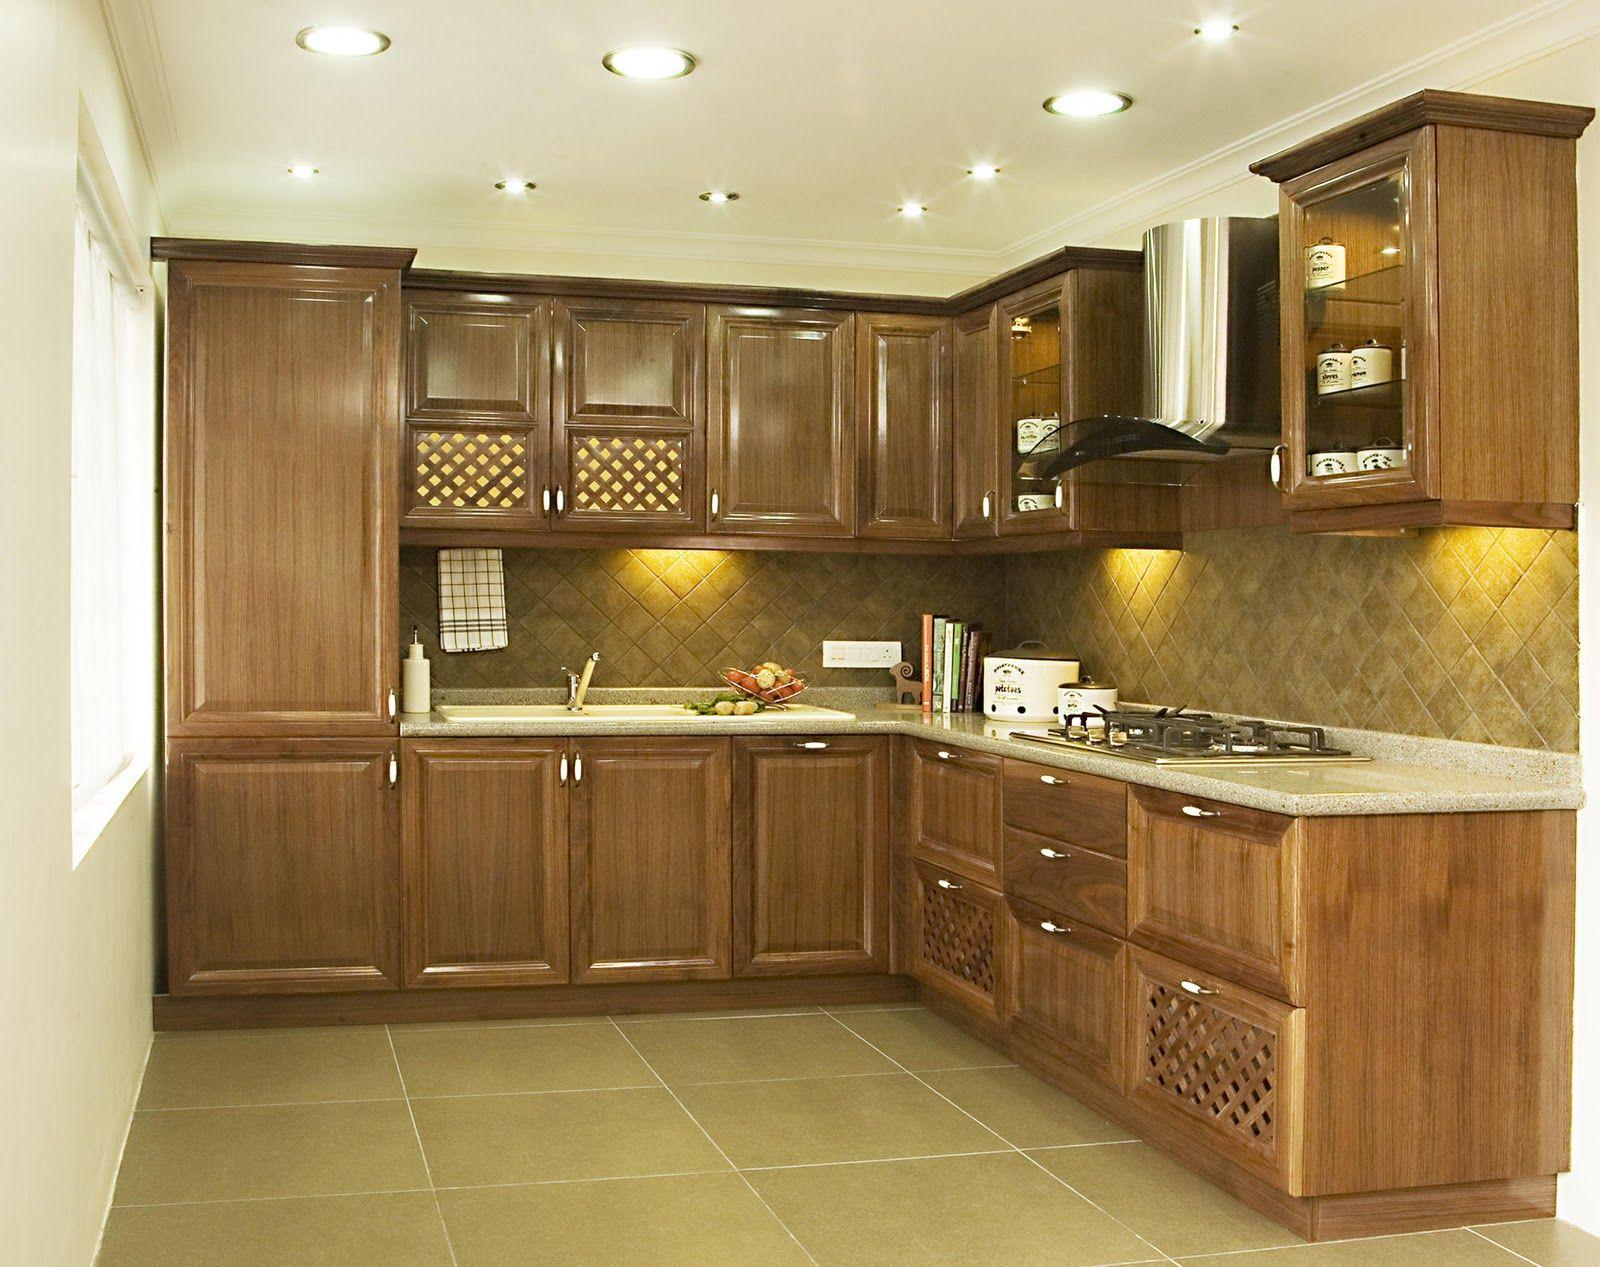 kitchen designs pictures 3d Kitchen Design Software Download Free http sapuru com 3d